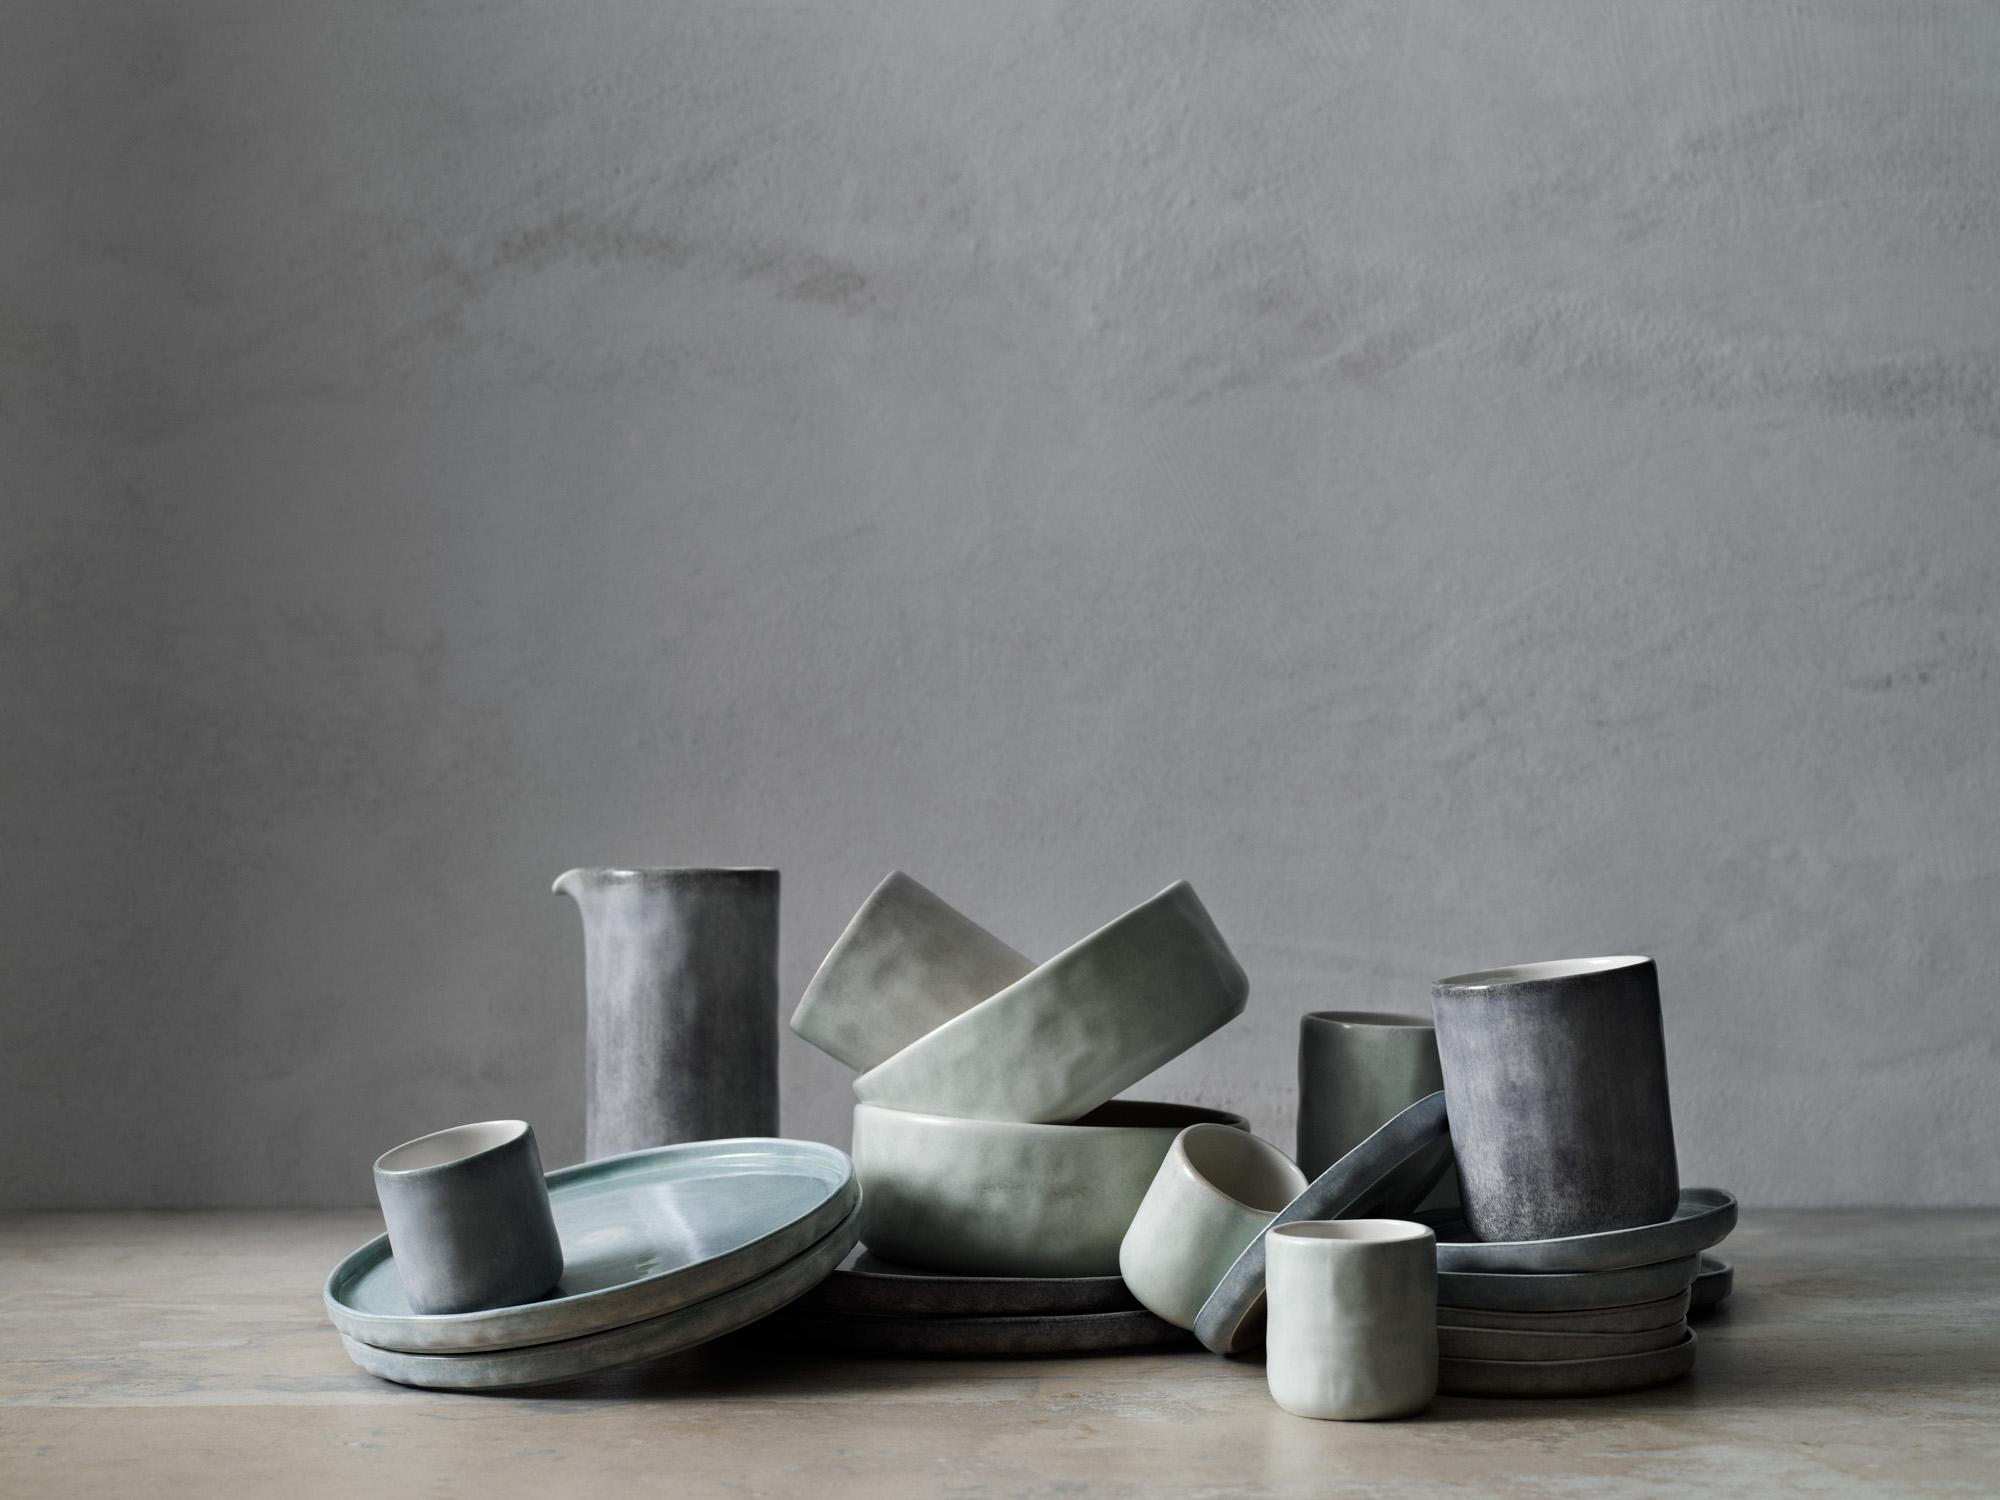 piatti e tazze in ceramica, azienda svedese Mateus